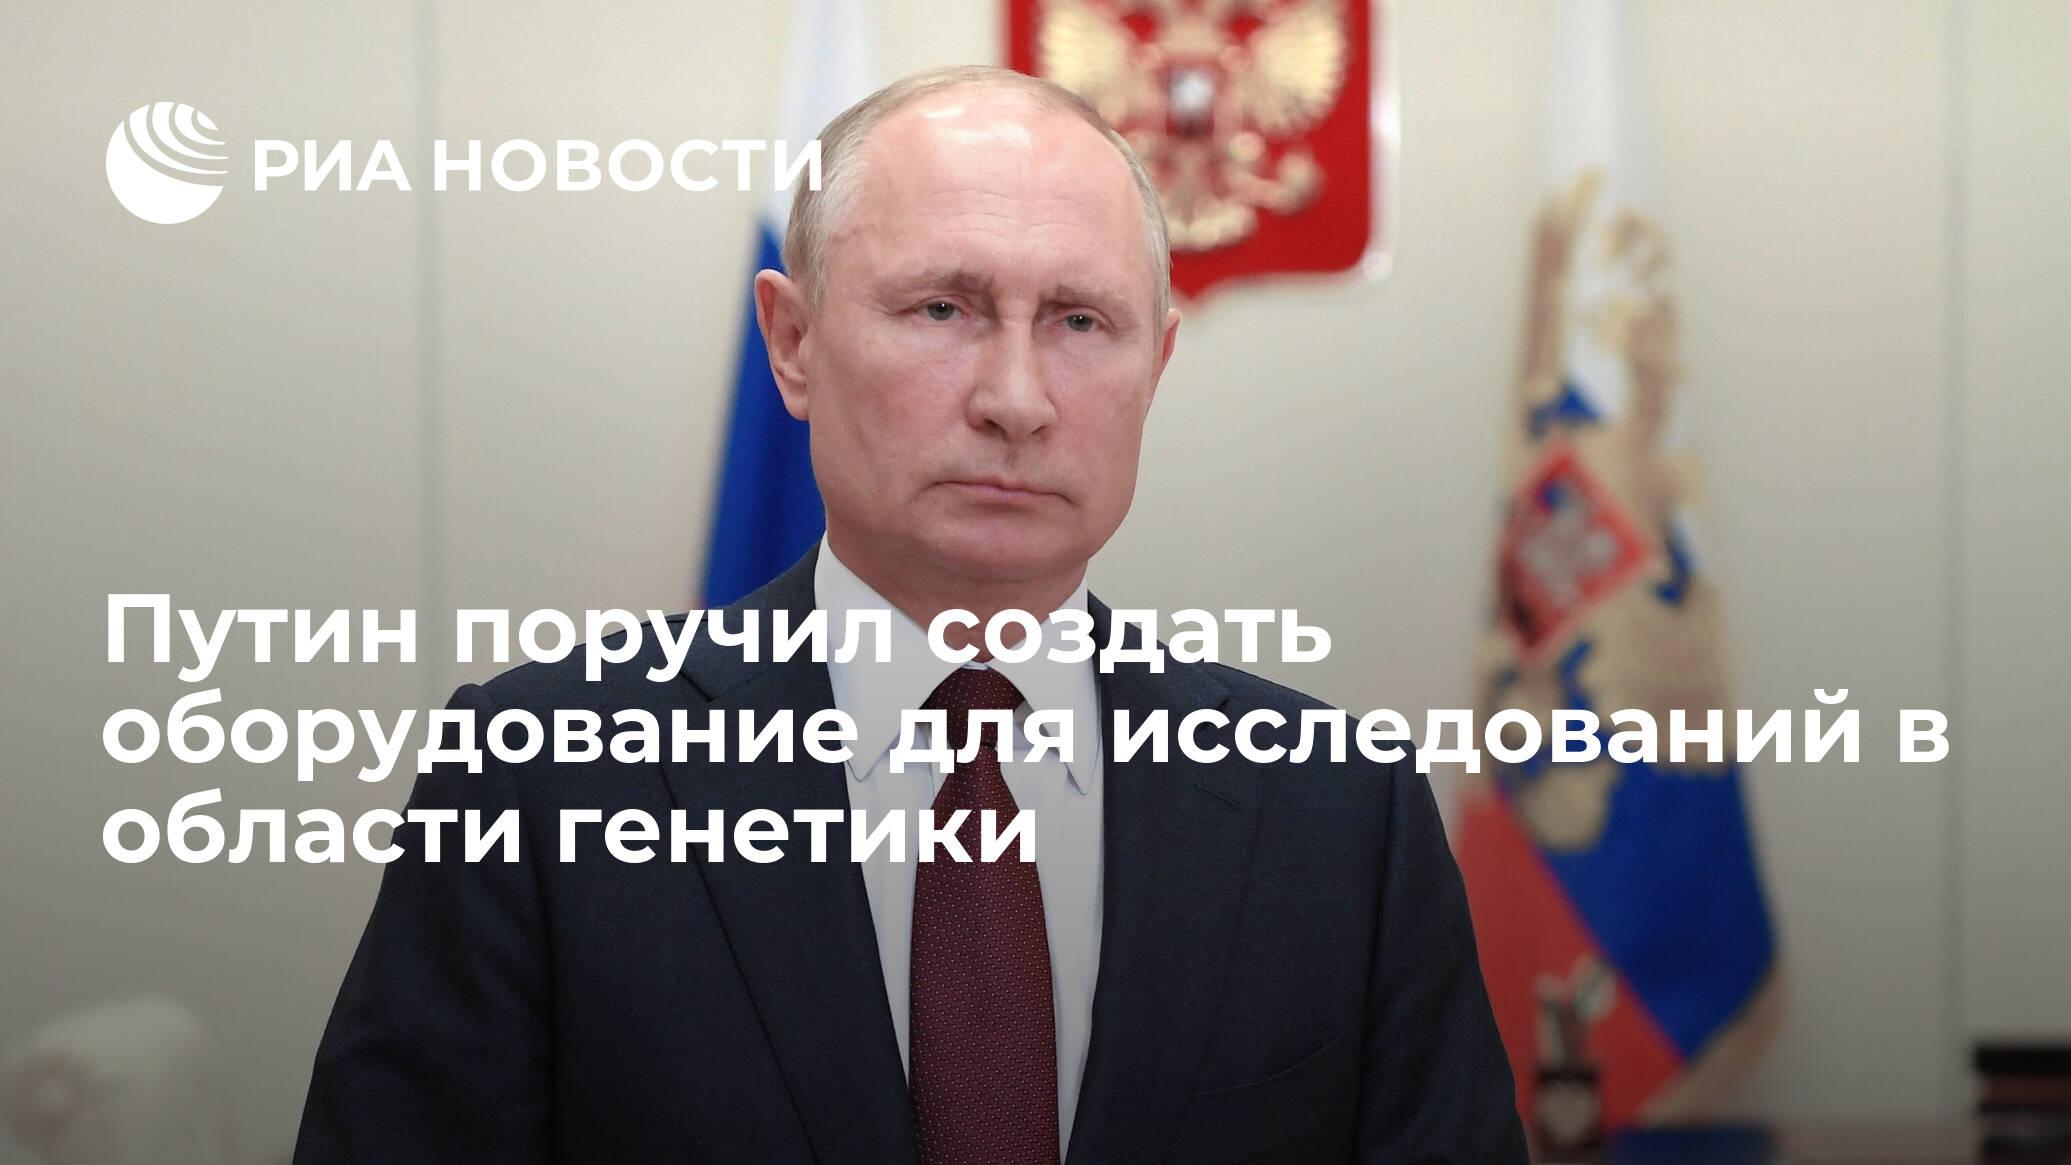 Путин поручил создать оборудование для исследований в области генетики